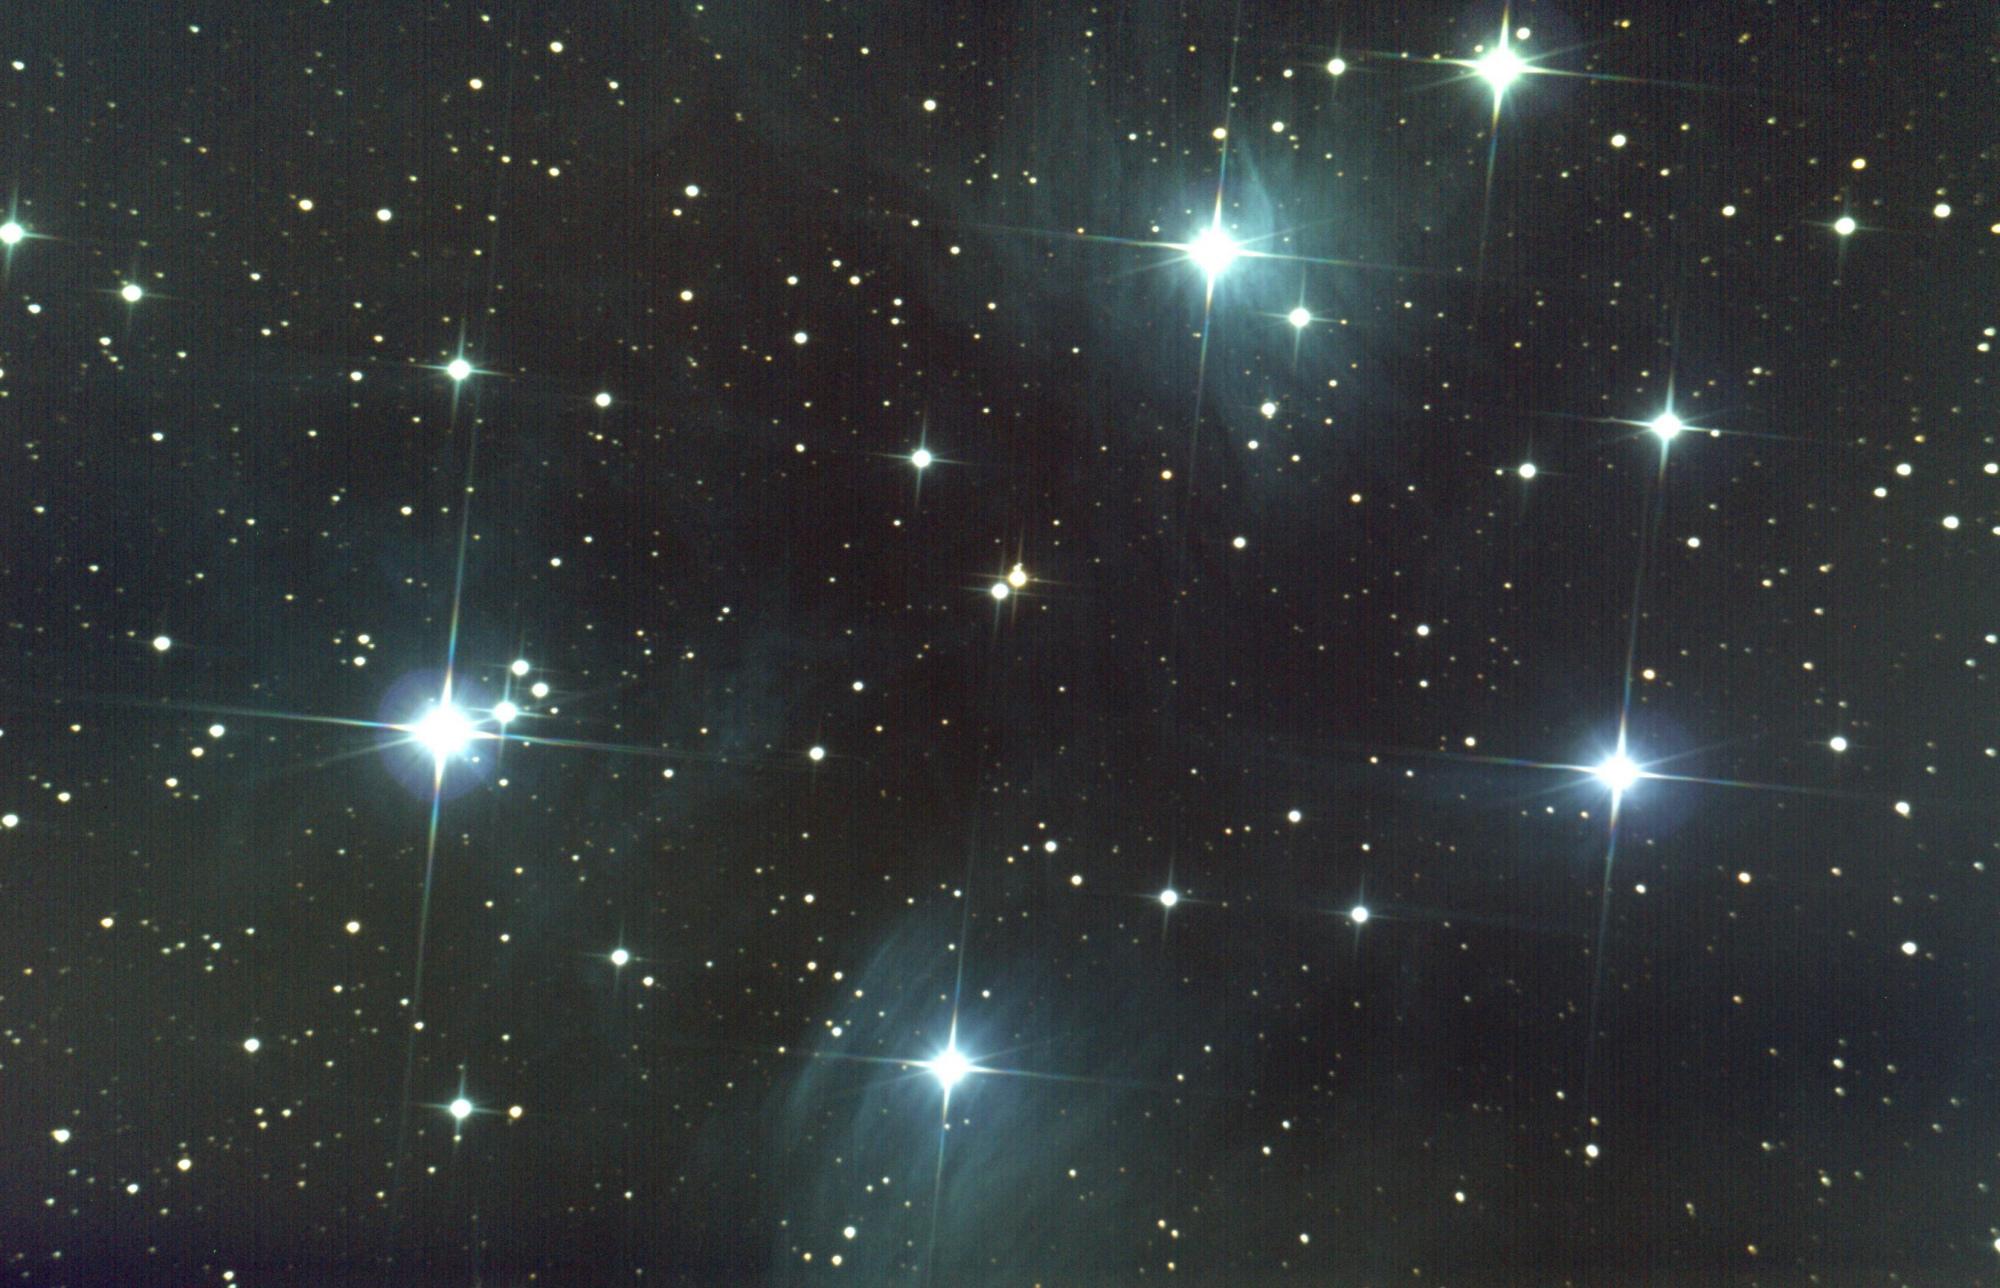 M45bcrp.thumb.jpg.9a91688322ea5d6369d4440985ea5d9c.jpg